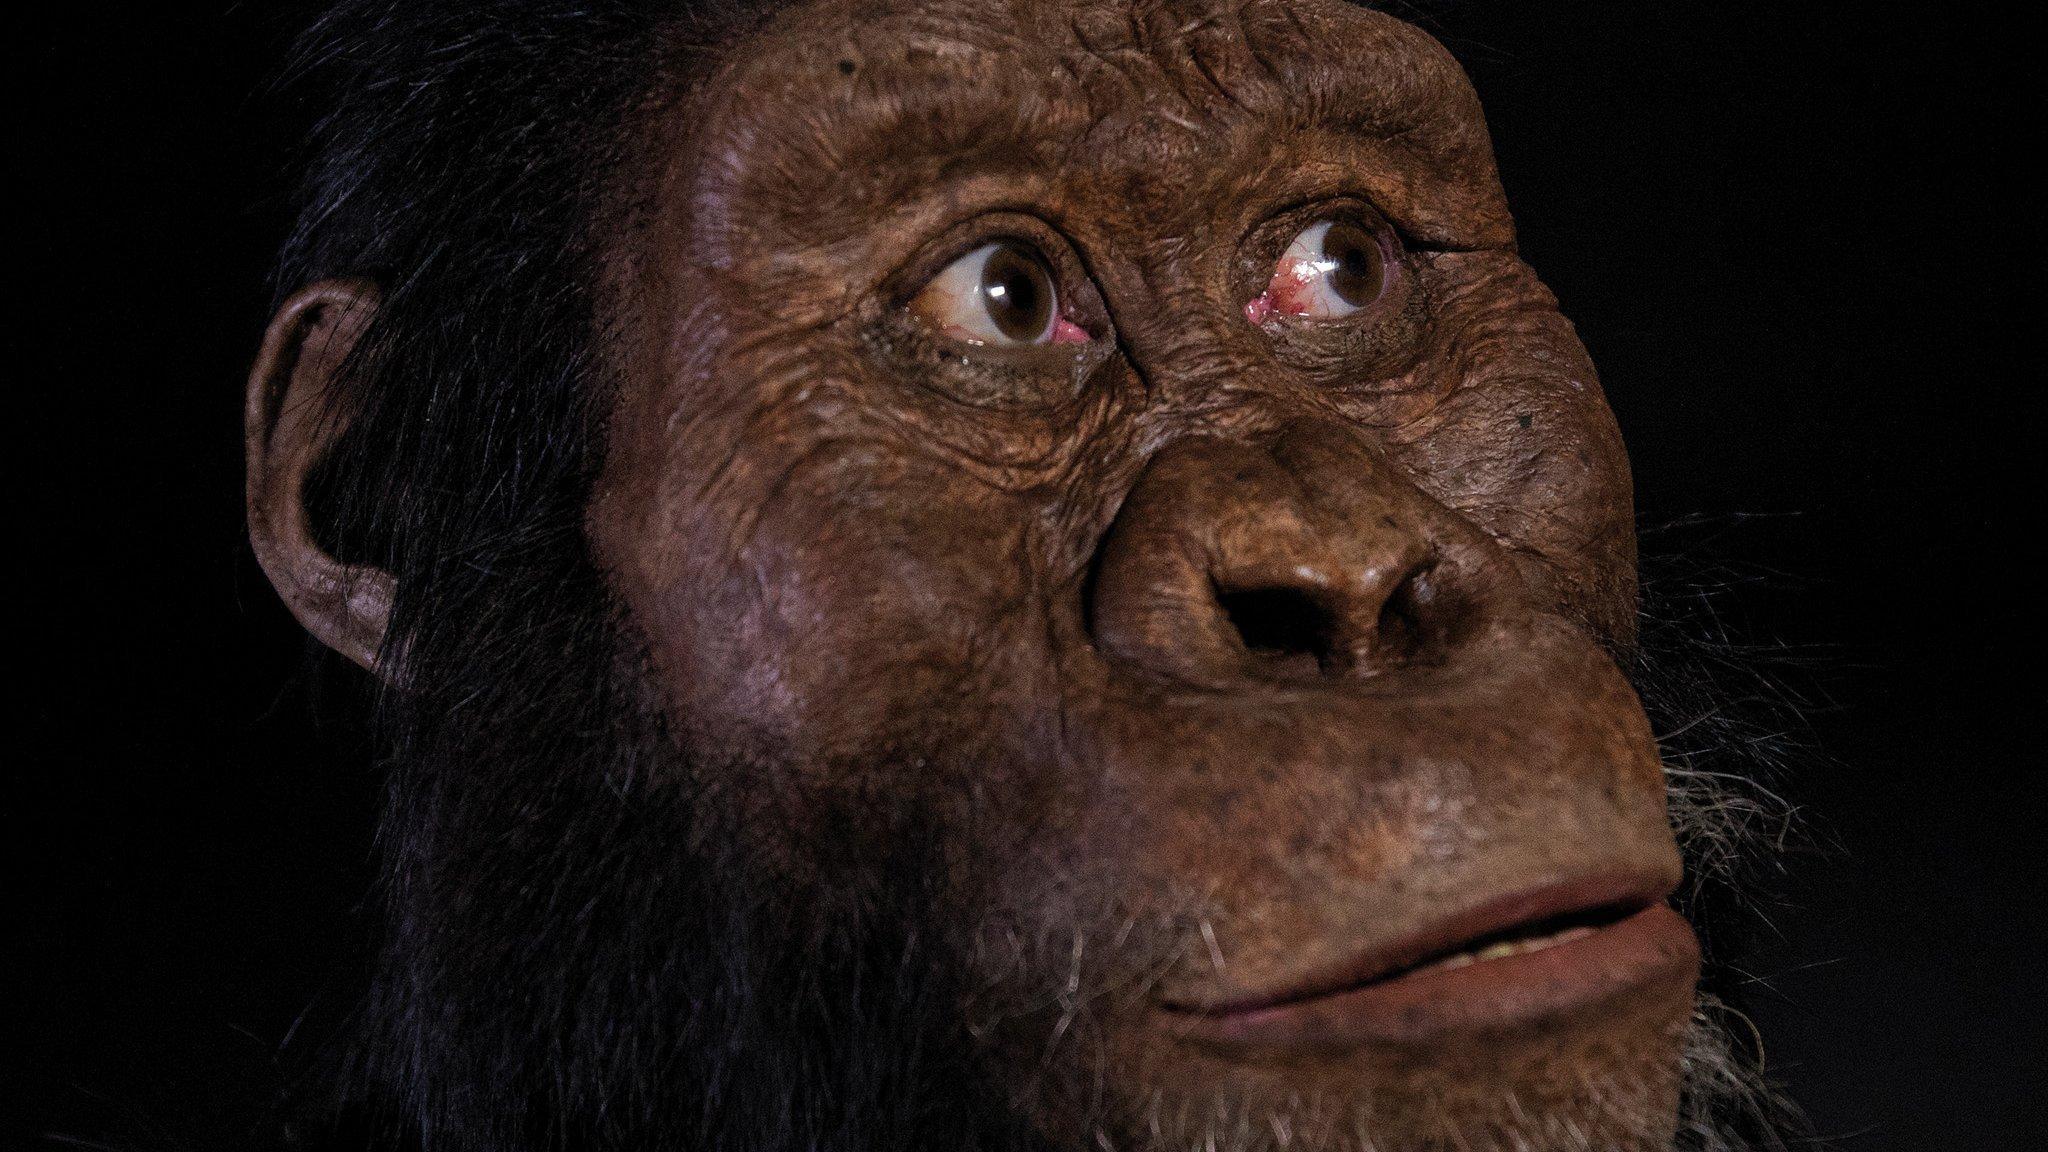 Das Bild zeigt das rekonstruierte Gesicht des Vormenschen Australopithecus anamensis, das wie ein Mischwesen zwischen Affe und Mensch aussah. Die Rekonstruktion hat der Paläo-Artist John Gurche vorgenommen